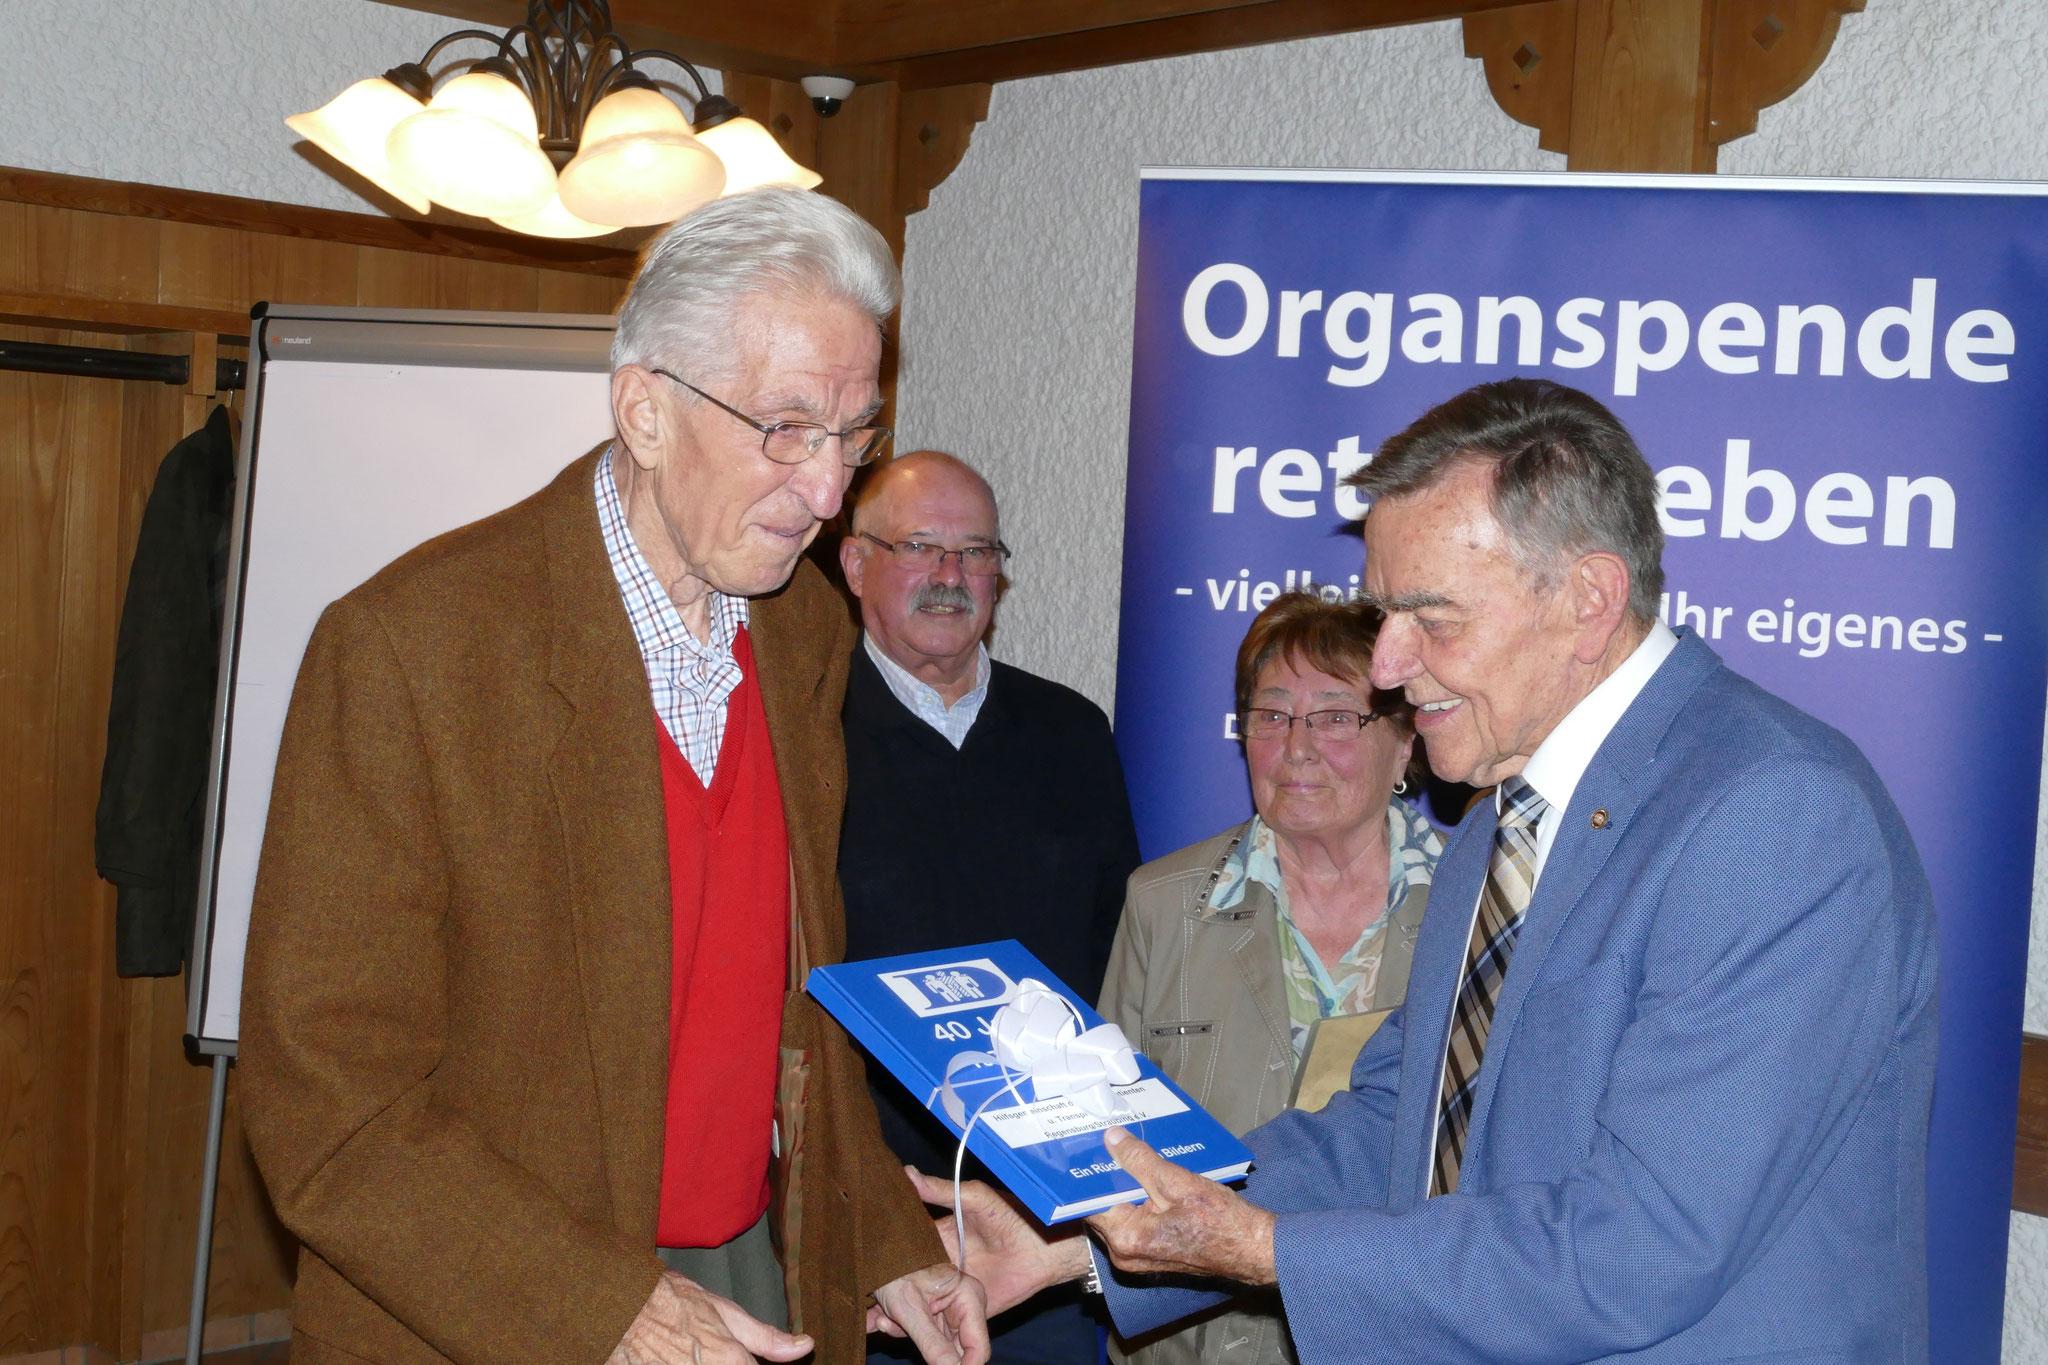 Gründungsmitglied Gottfried Zagler dankt S.Bäumel mit einem Bildband über 40 Jahre Hilfsgemeinschaft